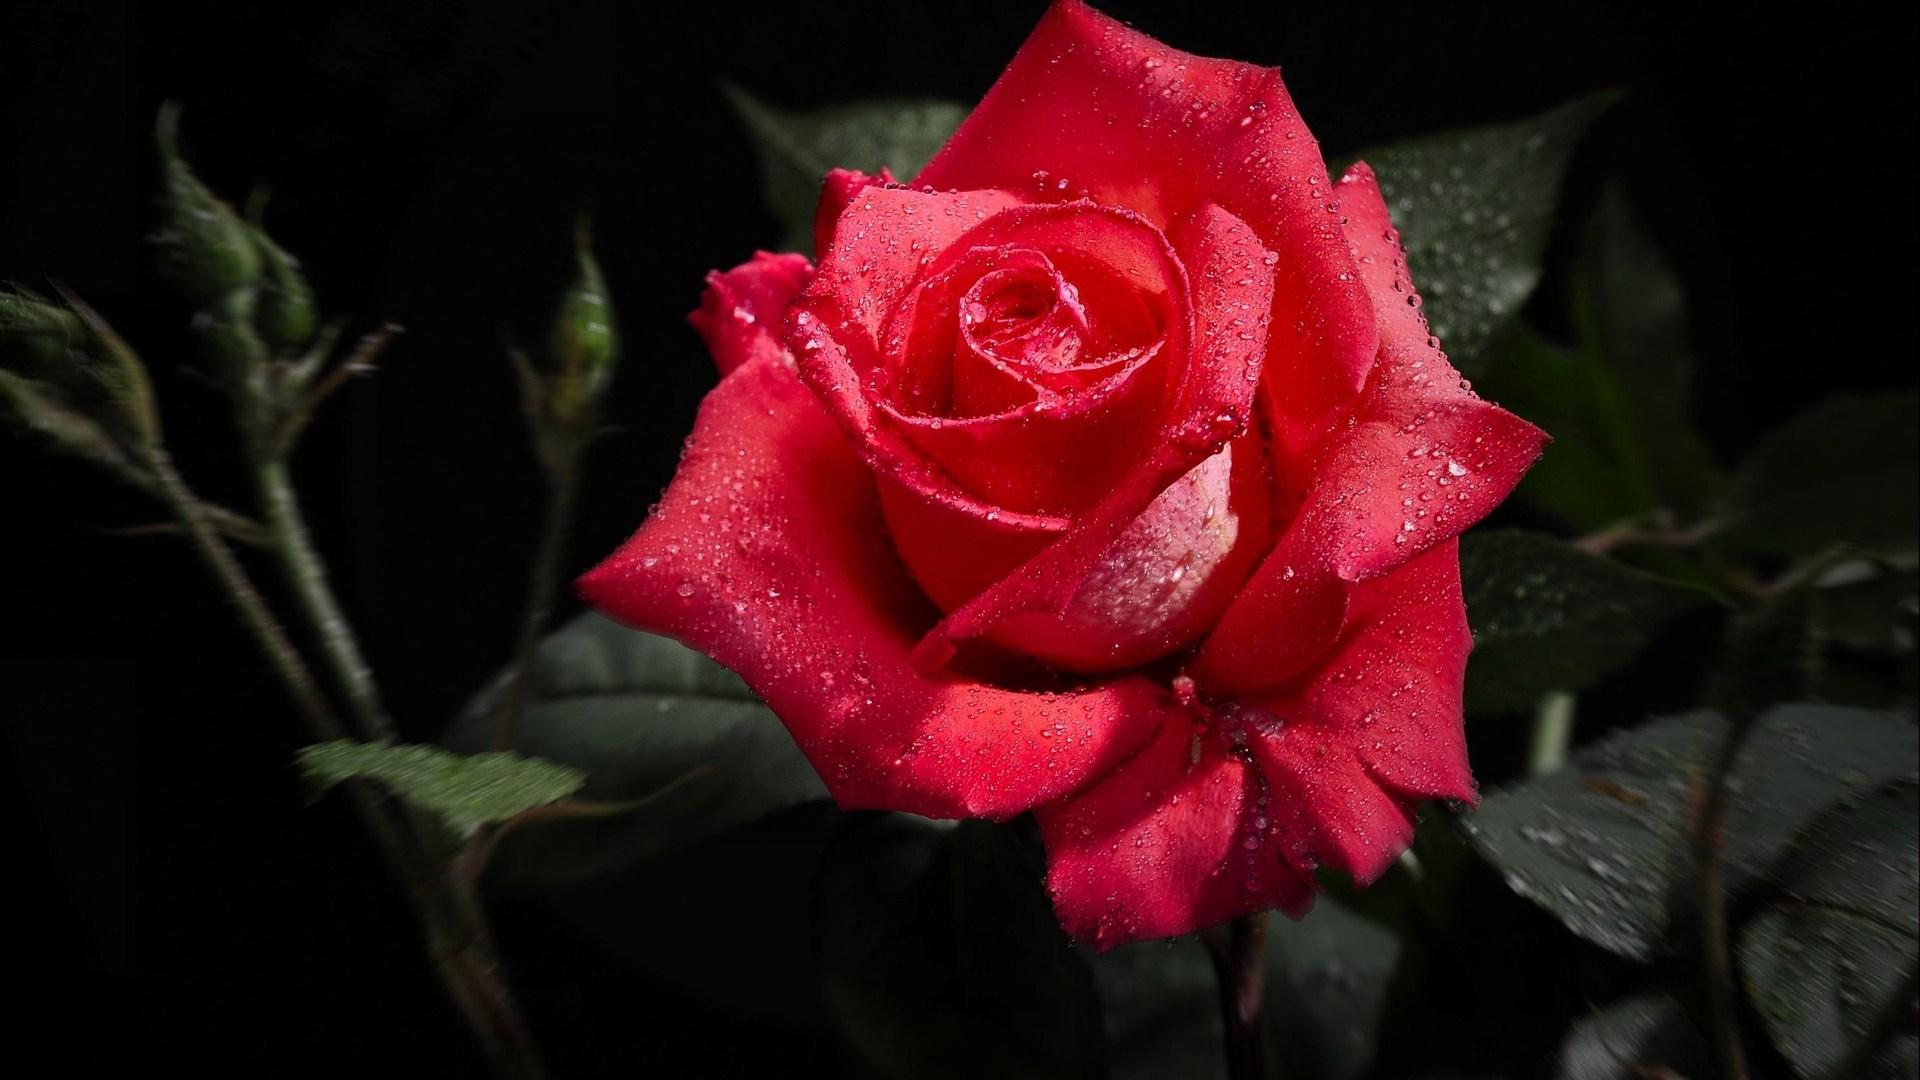 Hd wallpaper rose -  Red Rose Wallpaper